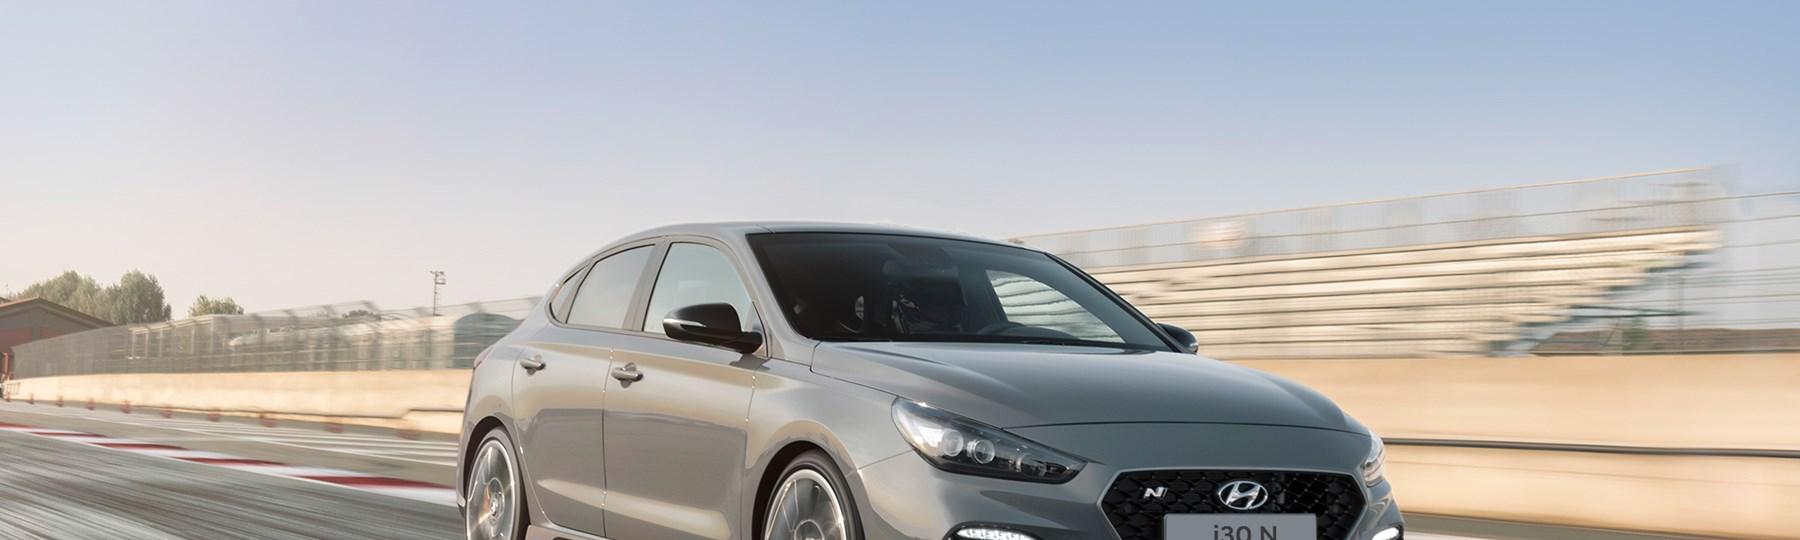 All-New-Hyundai-i30-Fastback-N-(14)